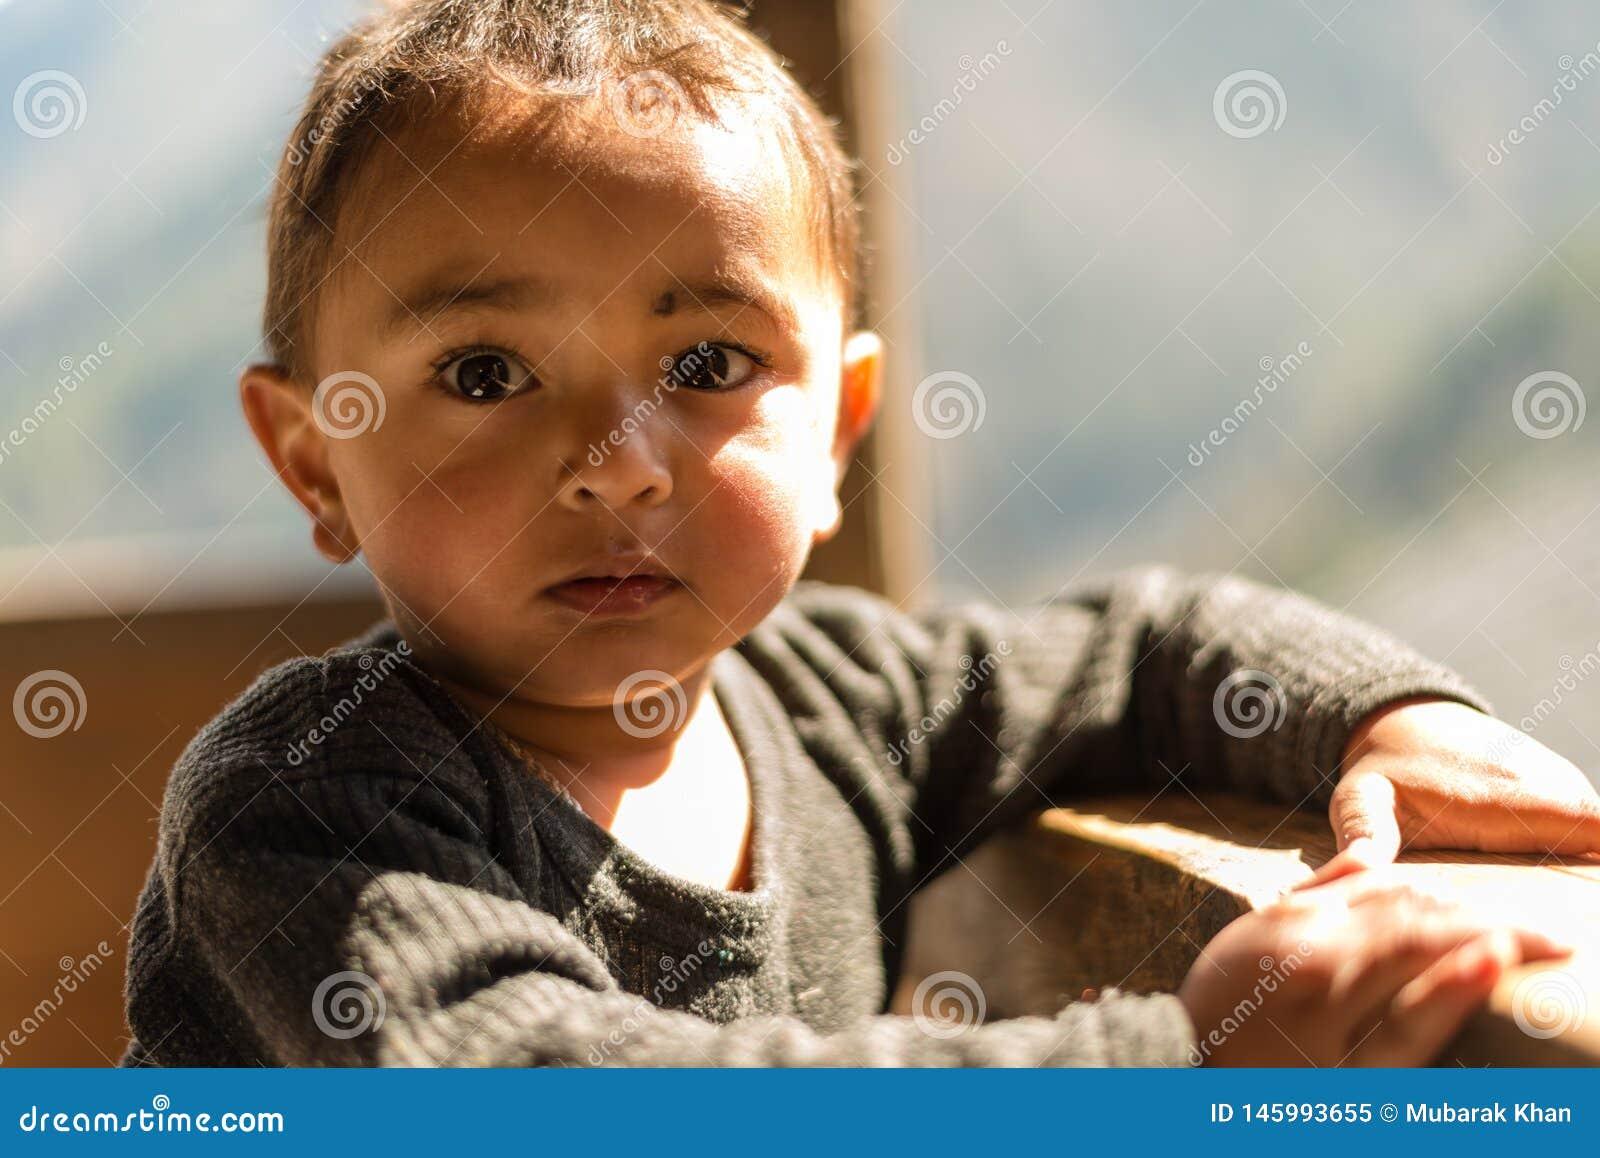 Kullu, Himachal Pradesh, Индия - 1-ое апреля 2019: Портрет гималайского мальчика, долины Sainj